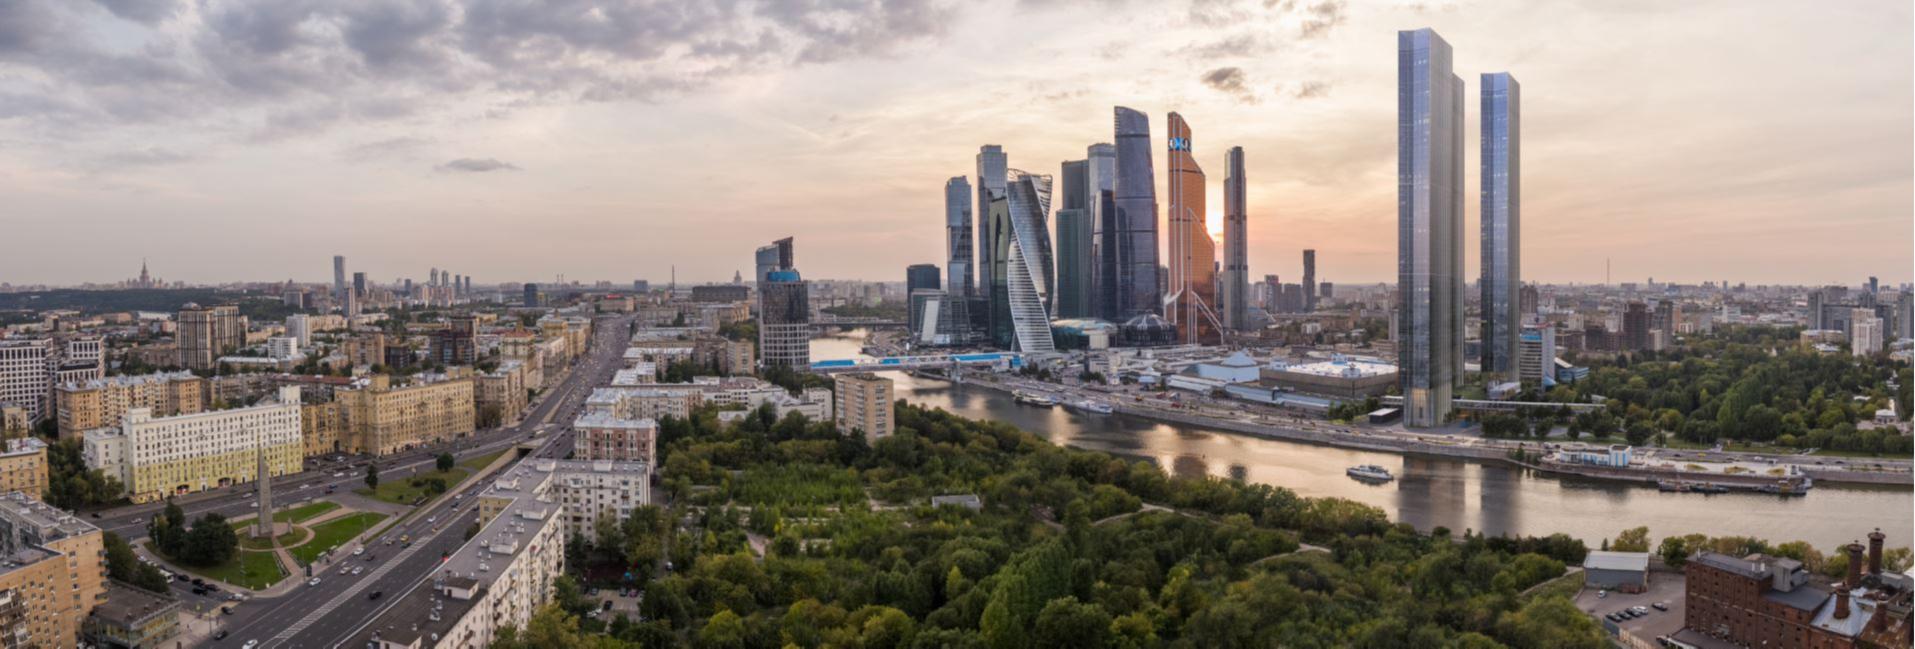 Перспективный вид на «Москва-Сити» и Capital Towers. Визуализация Capital Group